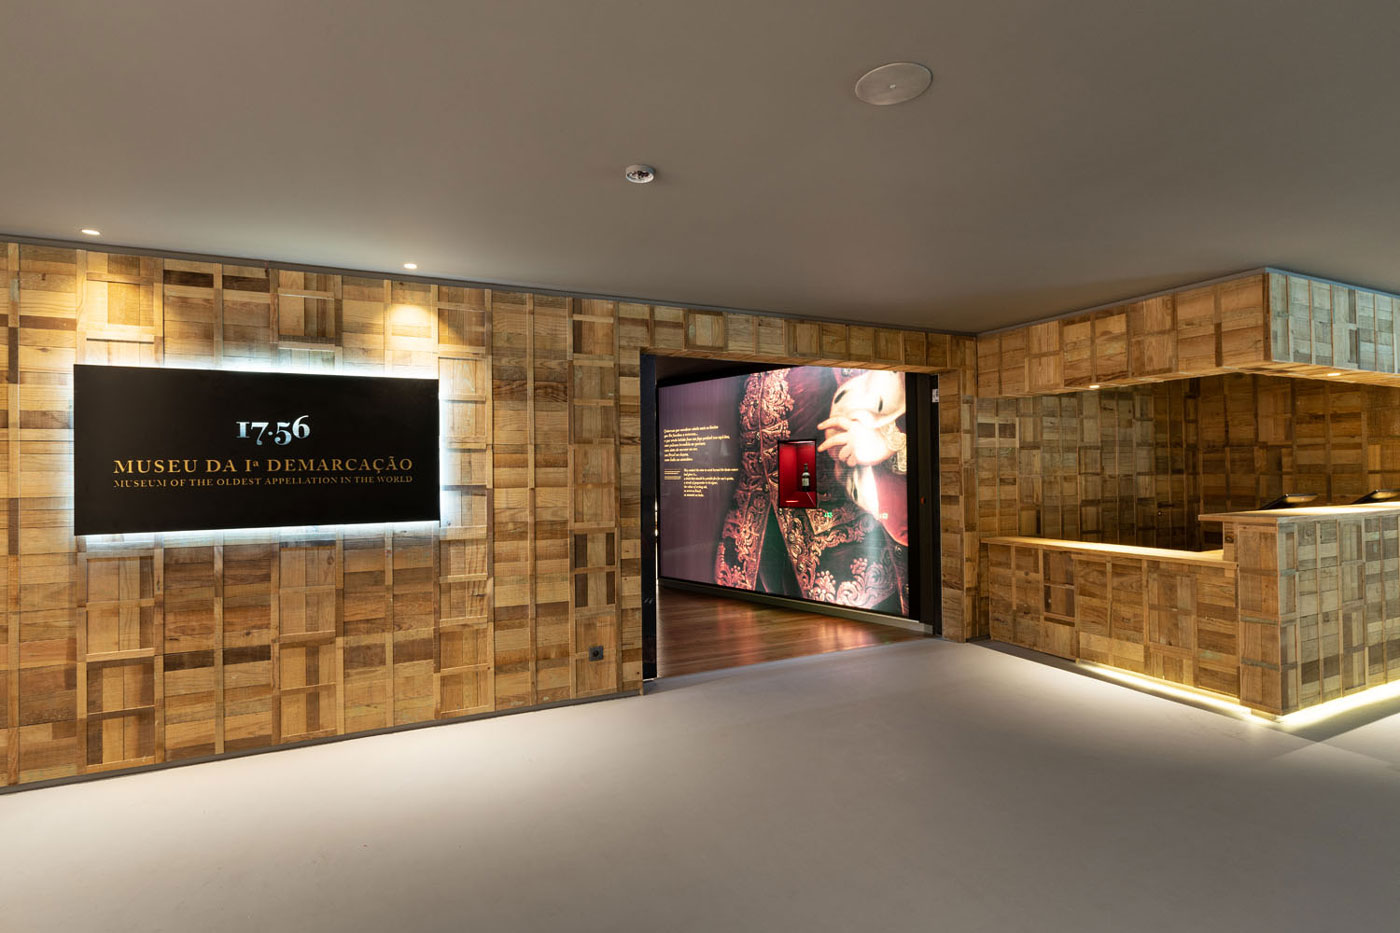 Museu da 1a Demarcação Edificio-header-3